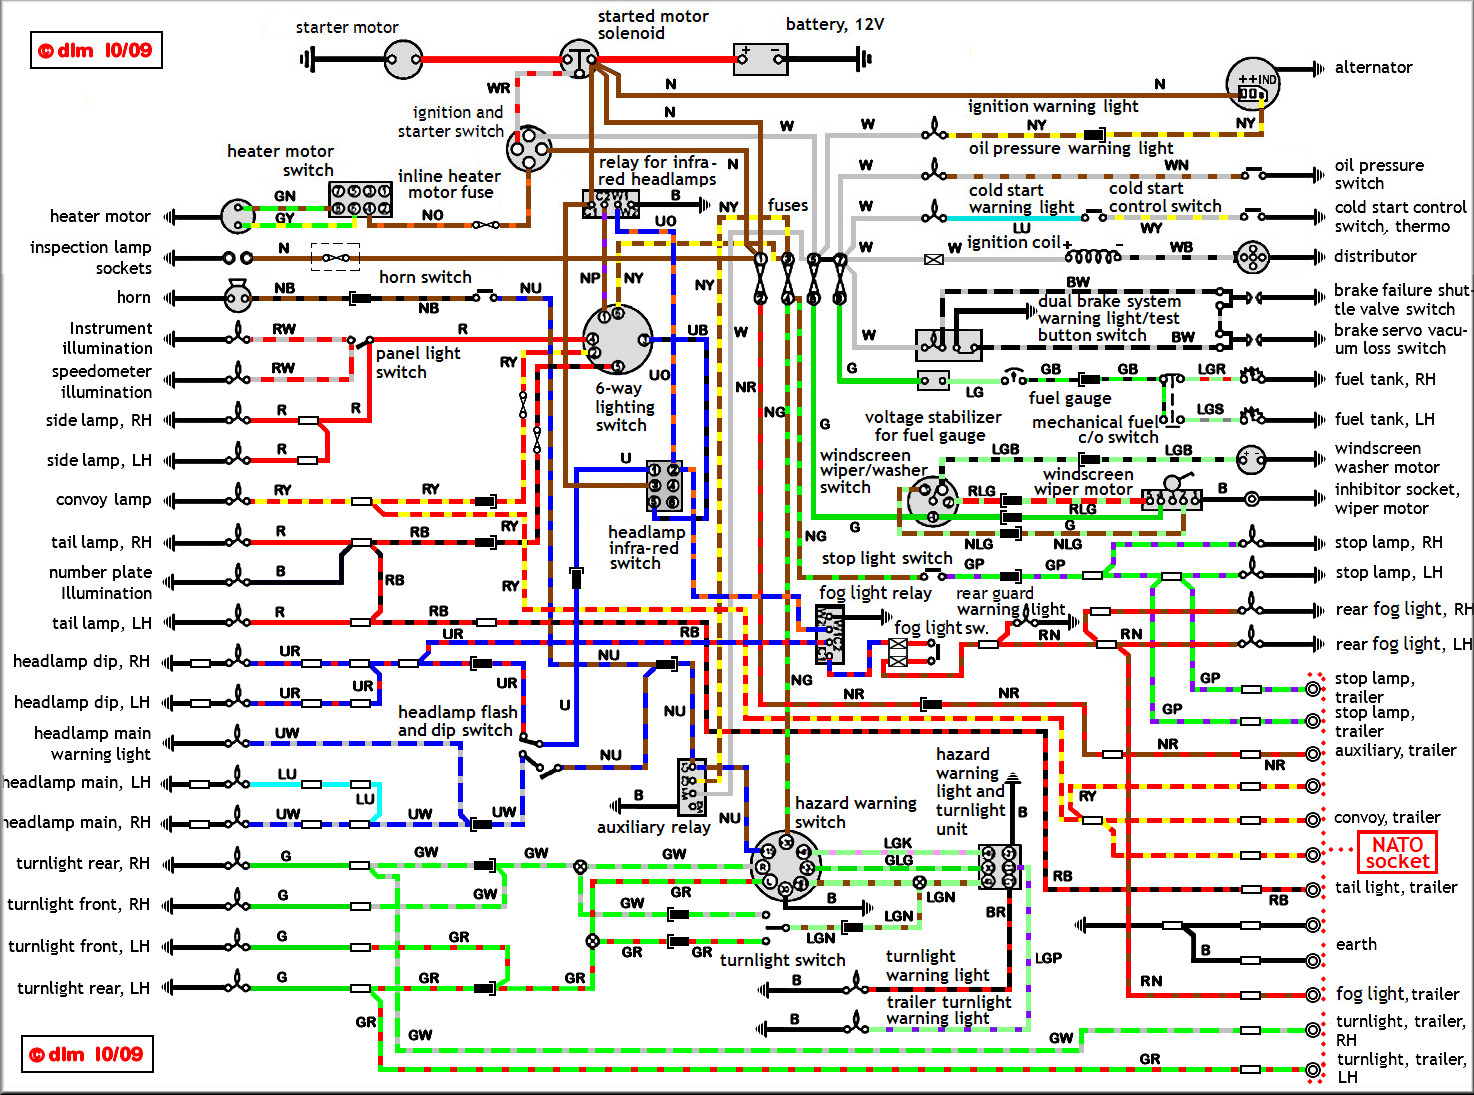 land rover wiring diagram colours 1987 delco radio schaltplan warnblinschalter und blinkrelais